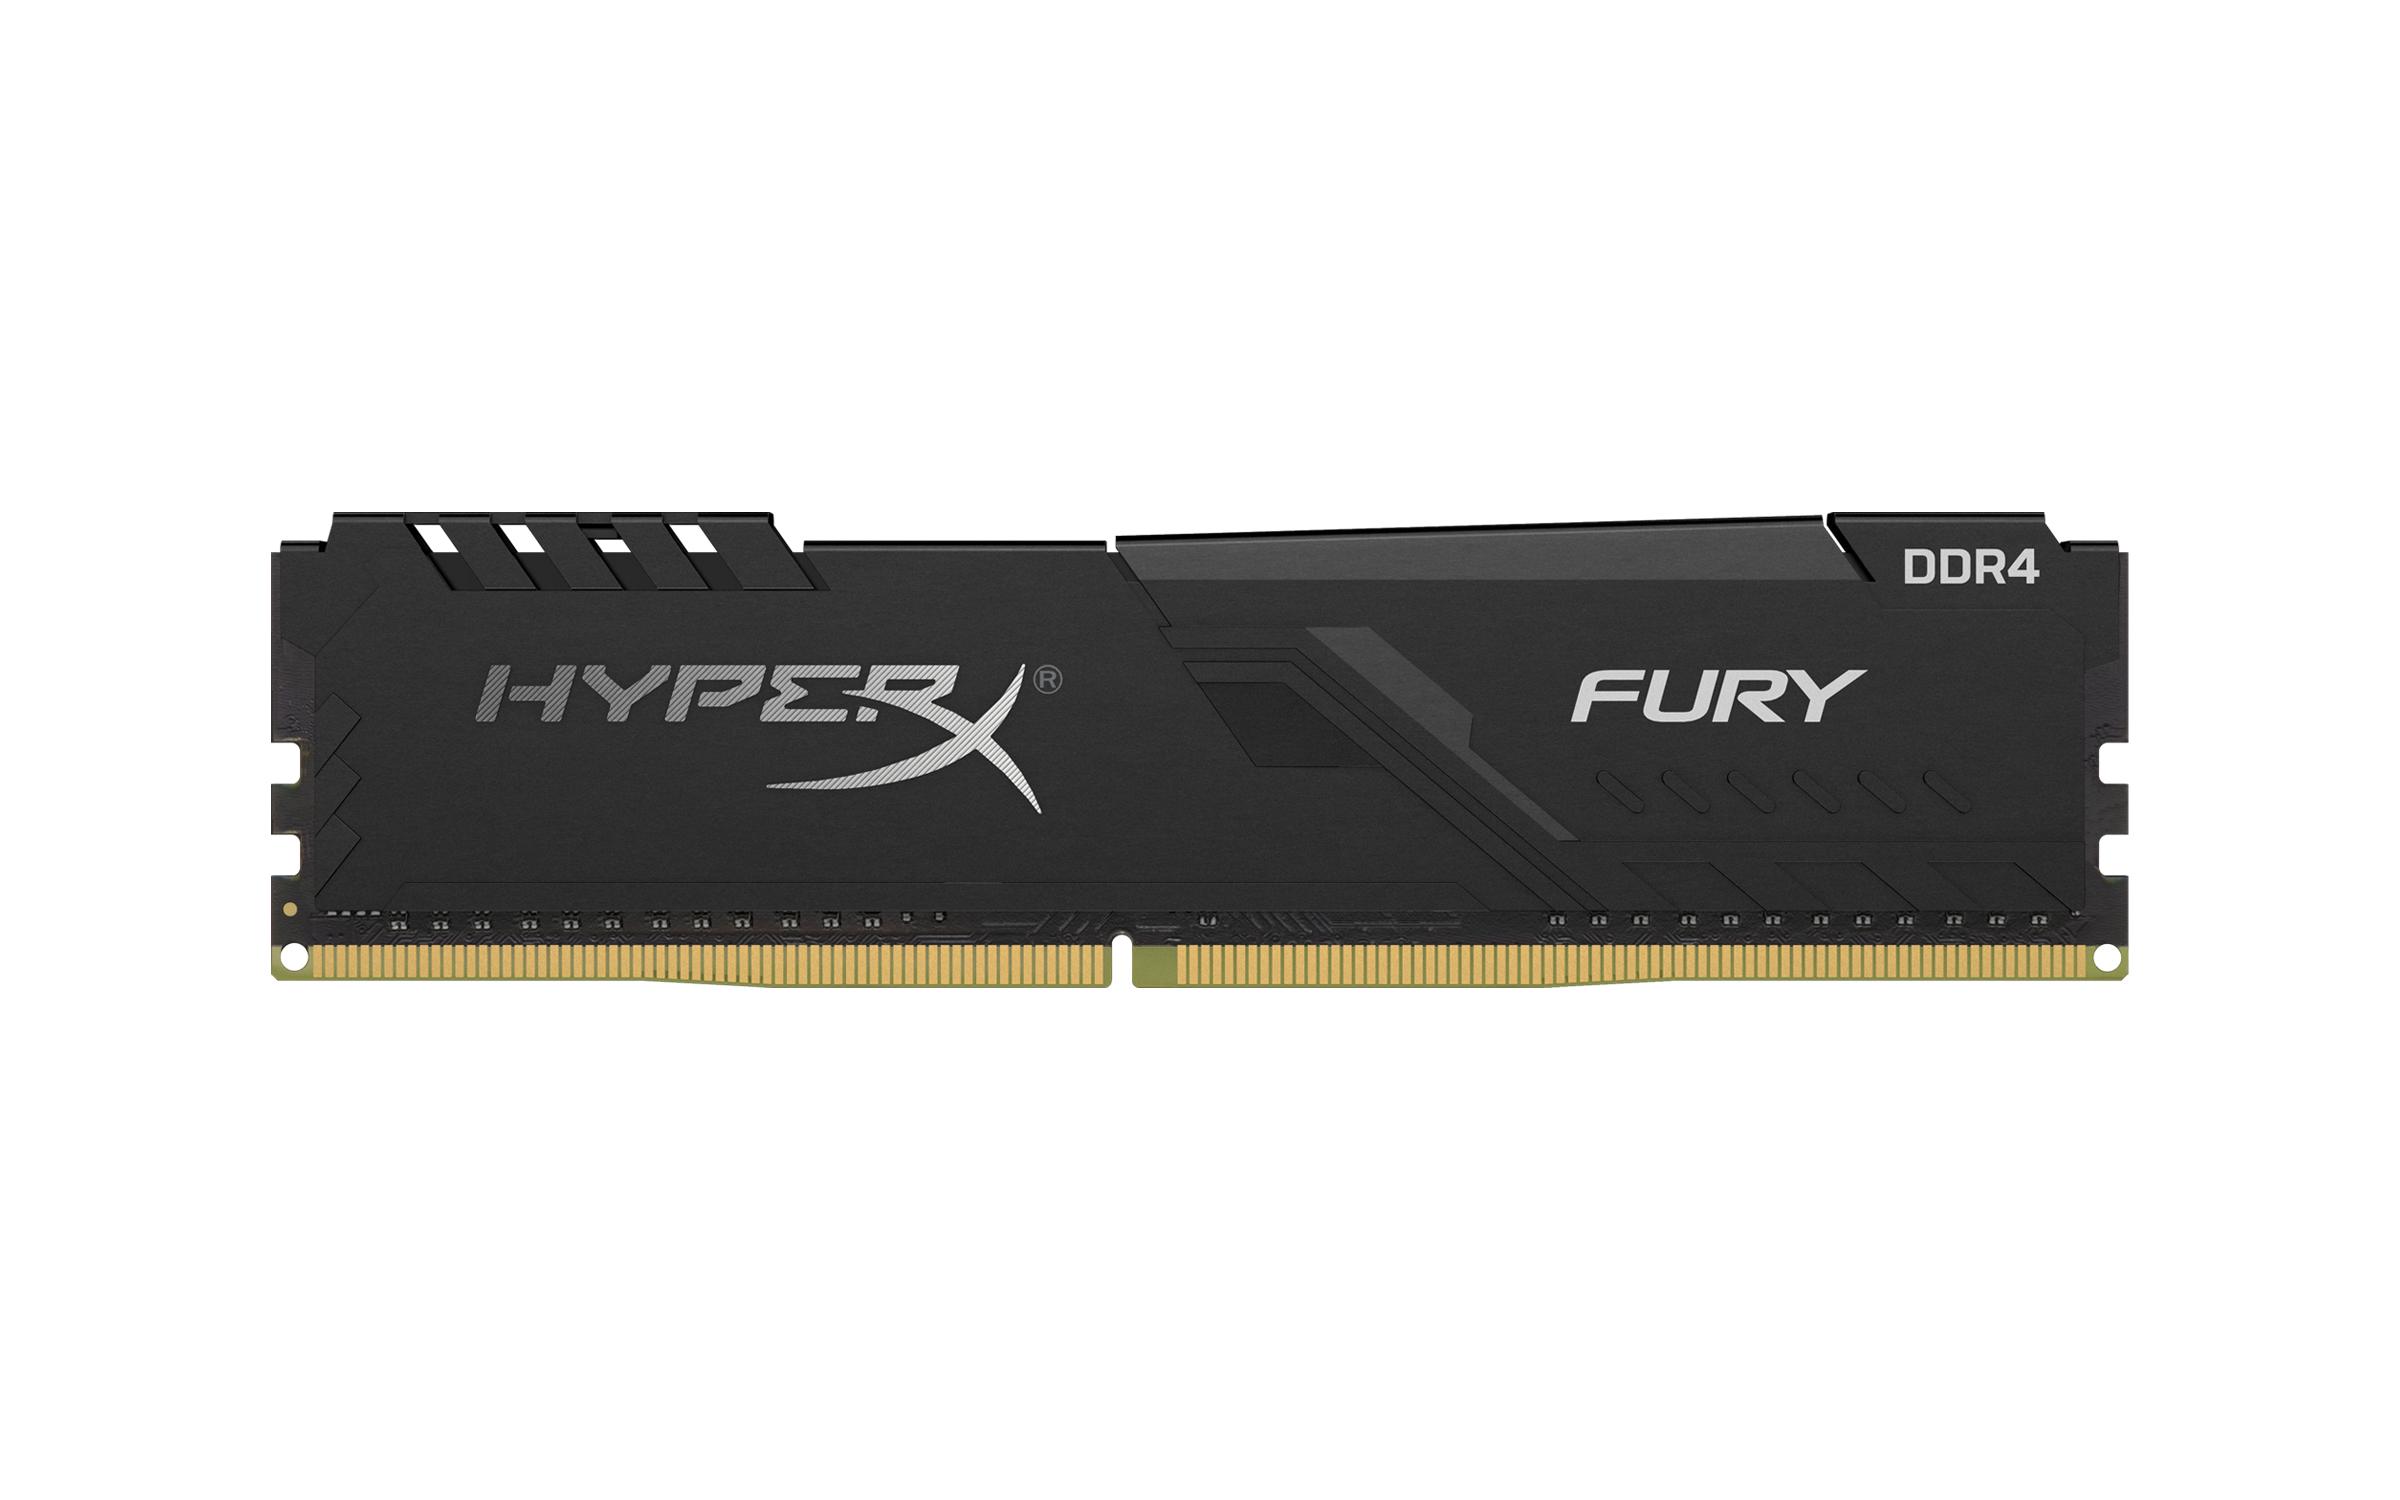 hyperx fury ddr4 HyperX ขยายไลน์ผลิตภัณฑ์หน่วยความจำ DDR4 FURY RGB